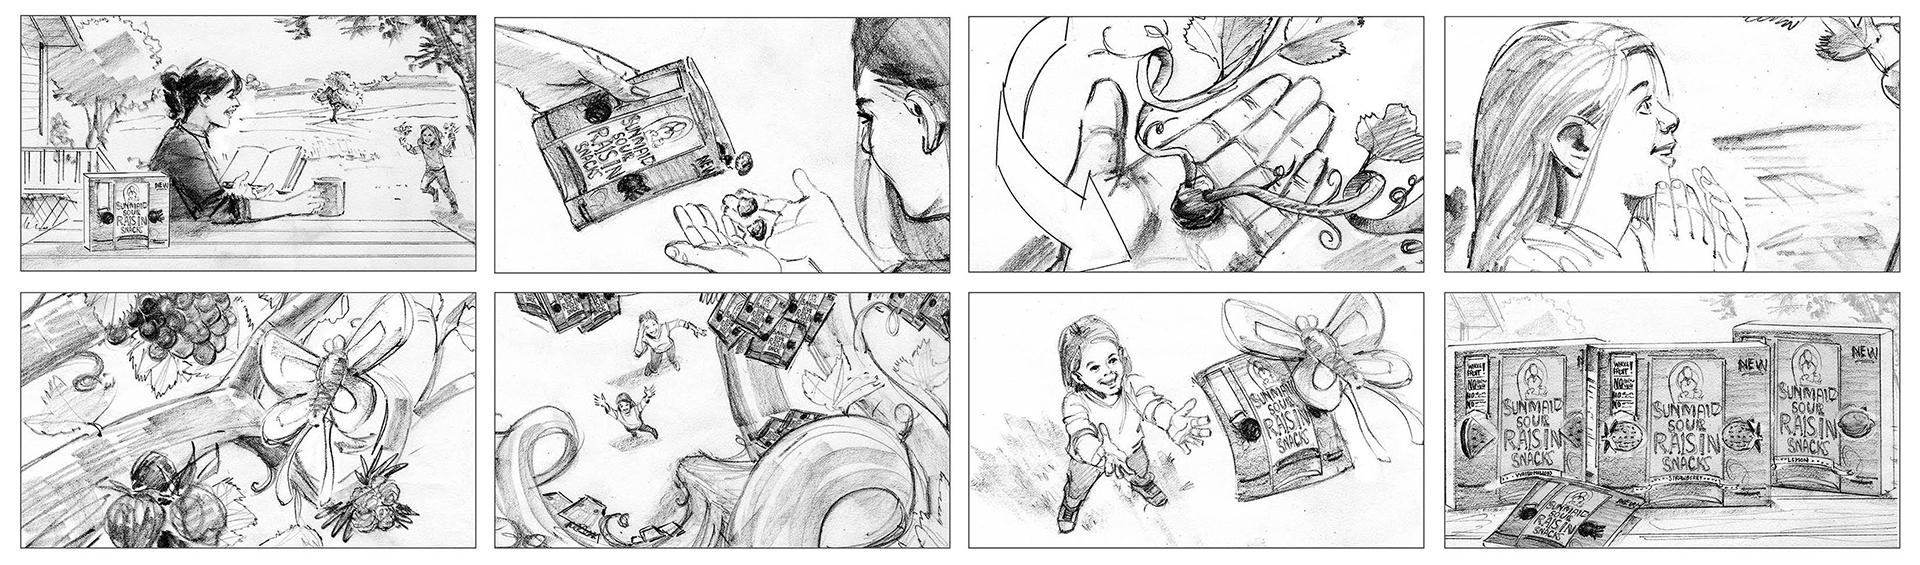 sm_storyboards.jpg